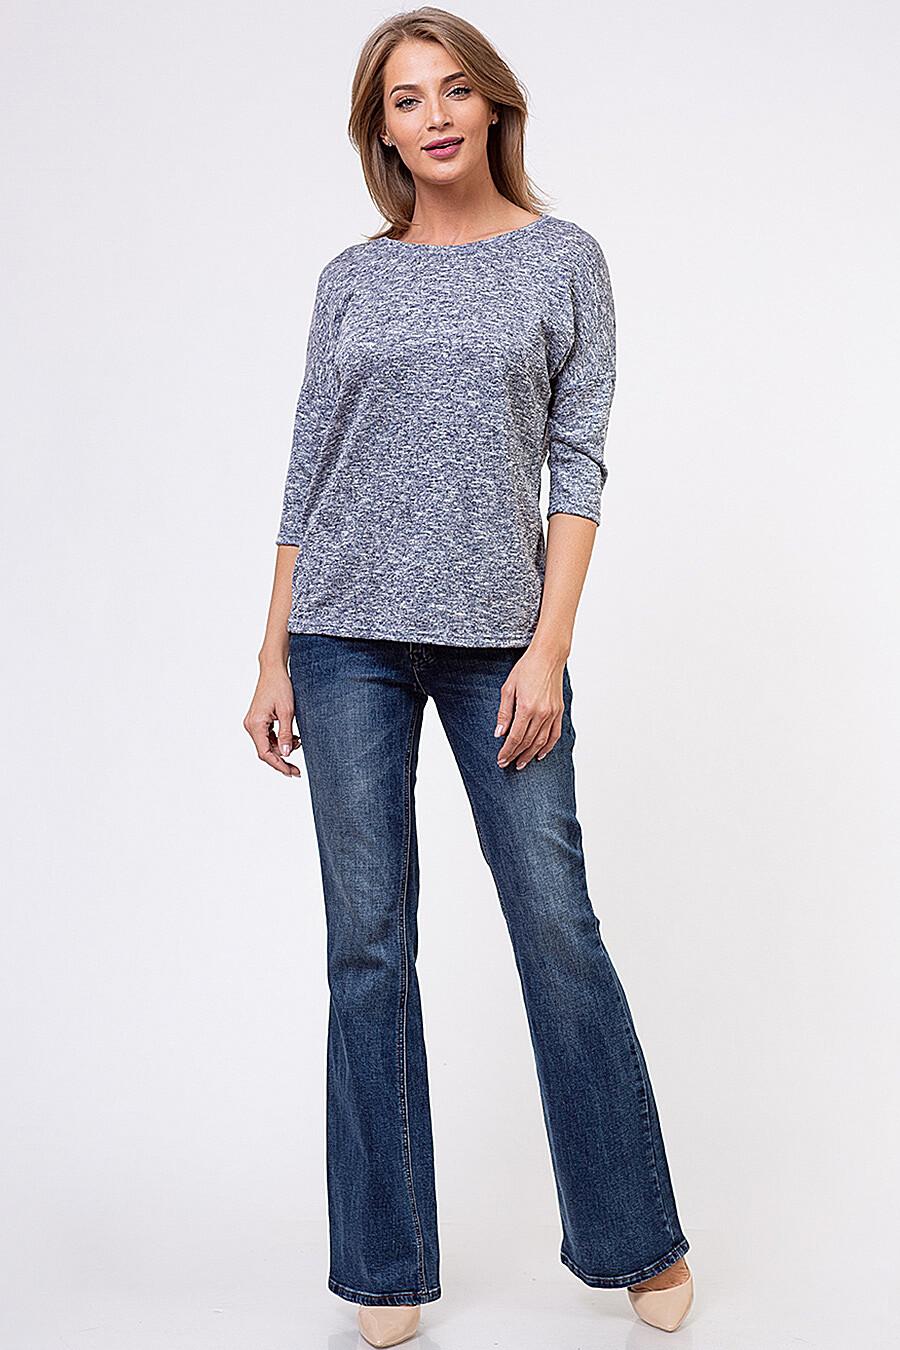 Блуза TuTachi (127404), купить в Moyo.moda